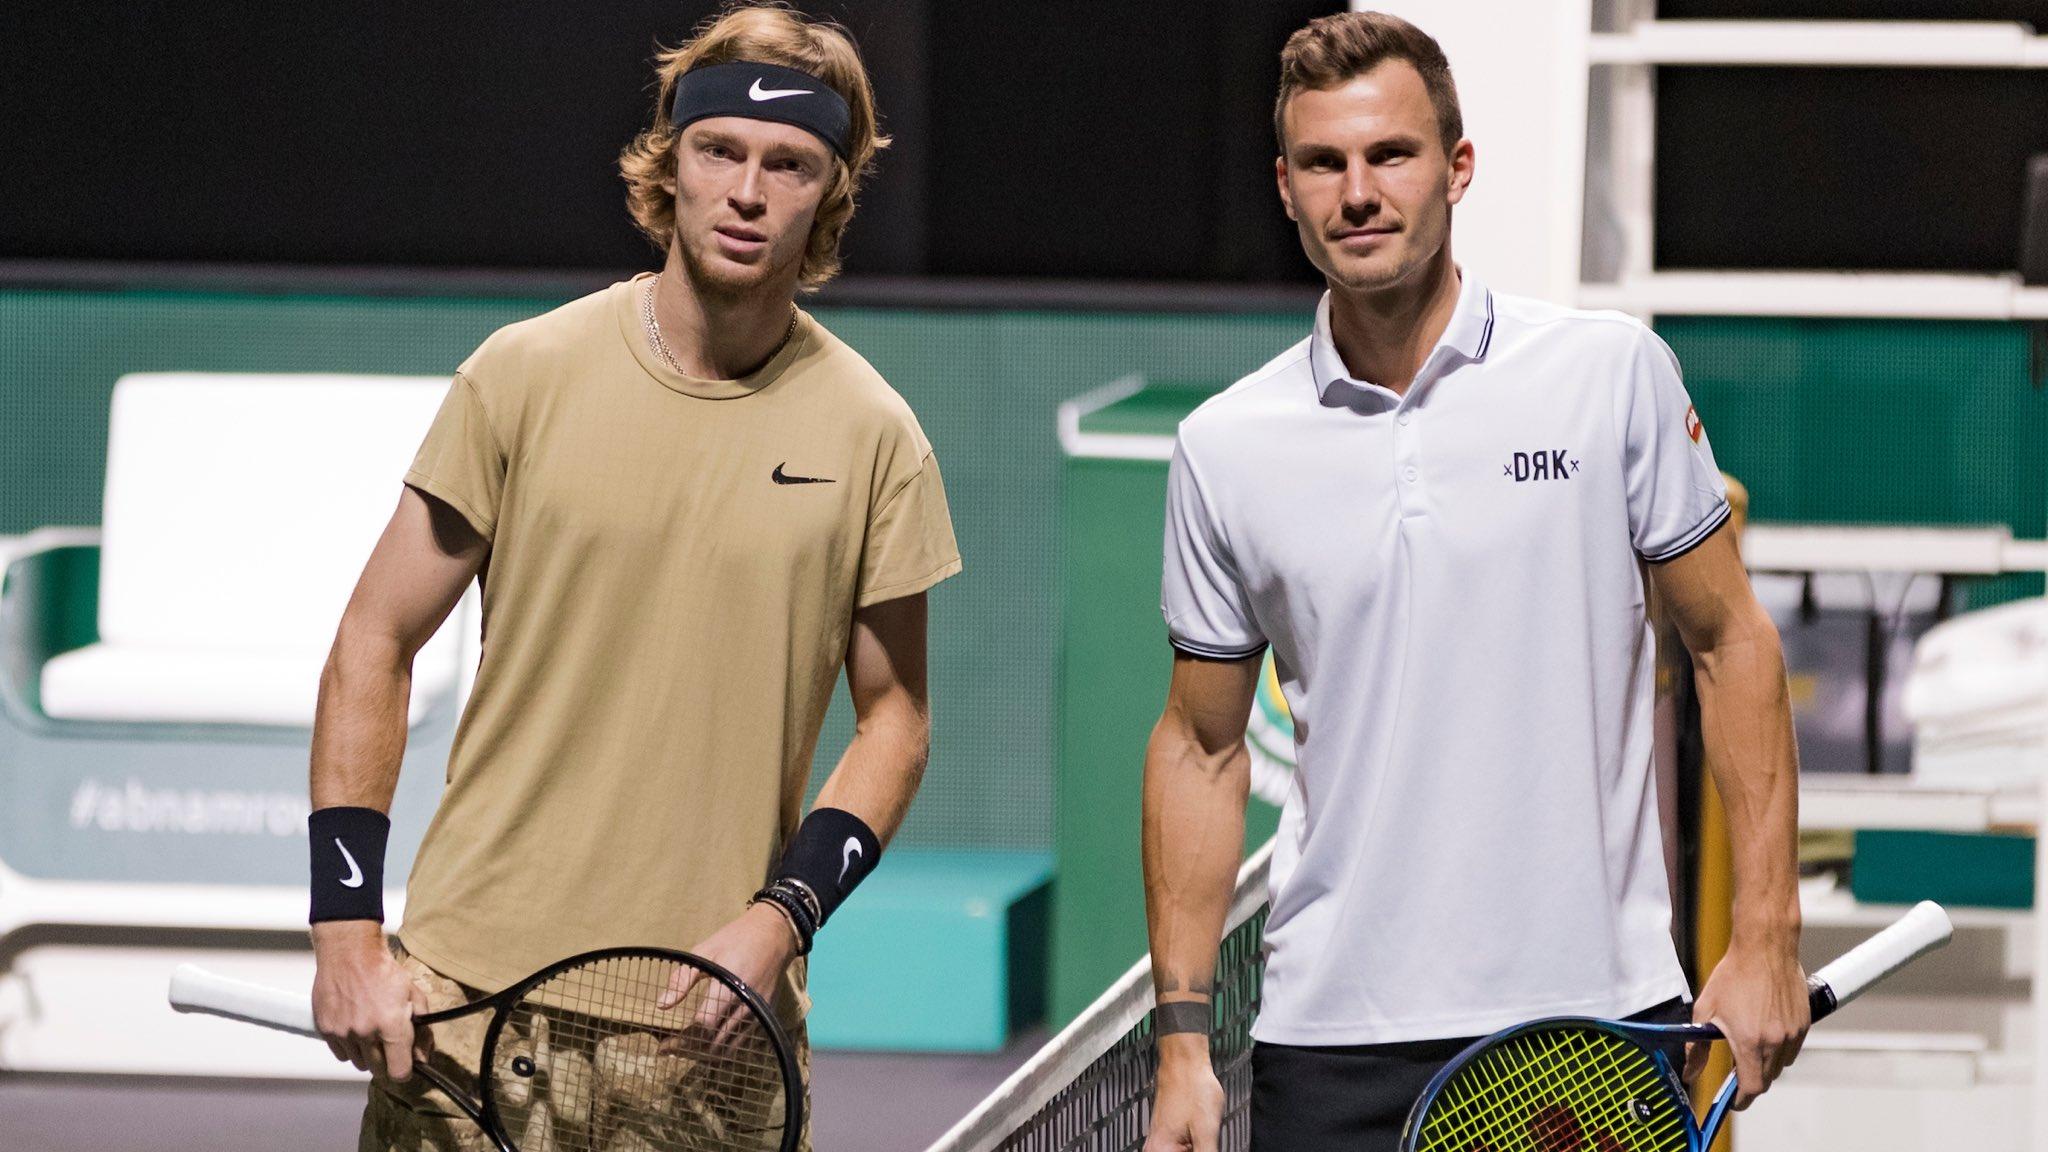 Dubai Open 2021: Andrey Rublev vs. Marton Fucsovics Tennis Pick and Prediction